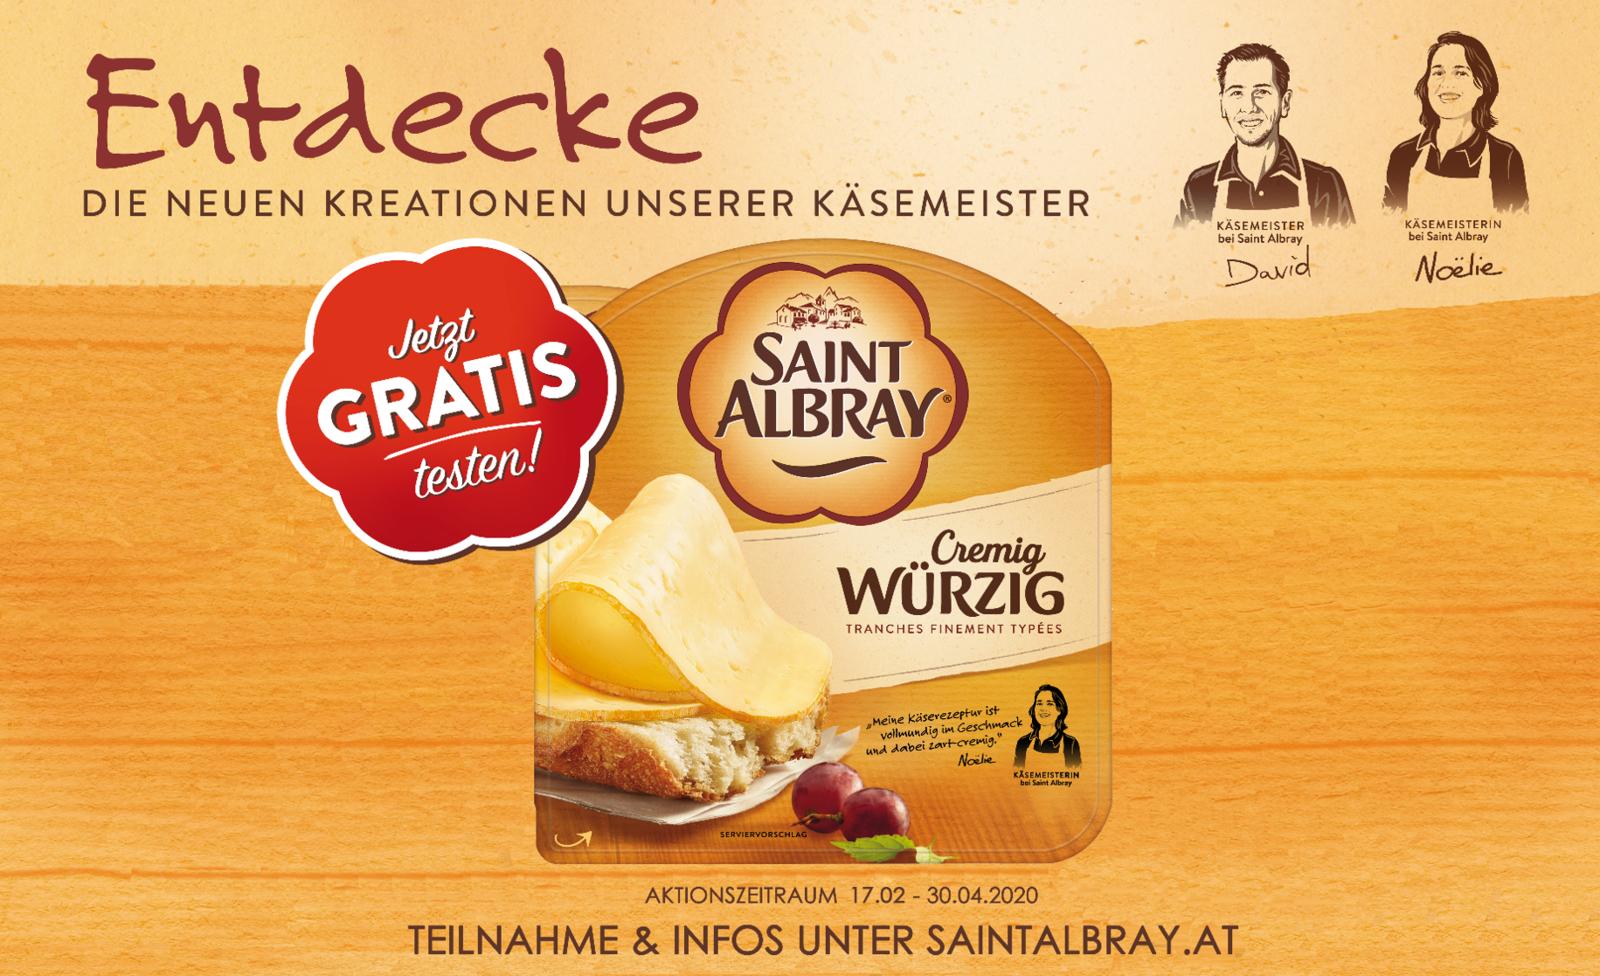 Saint Albray Scheiben Cremig Würzig gratis testen dank 100 % Cashback